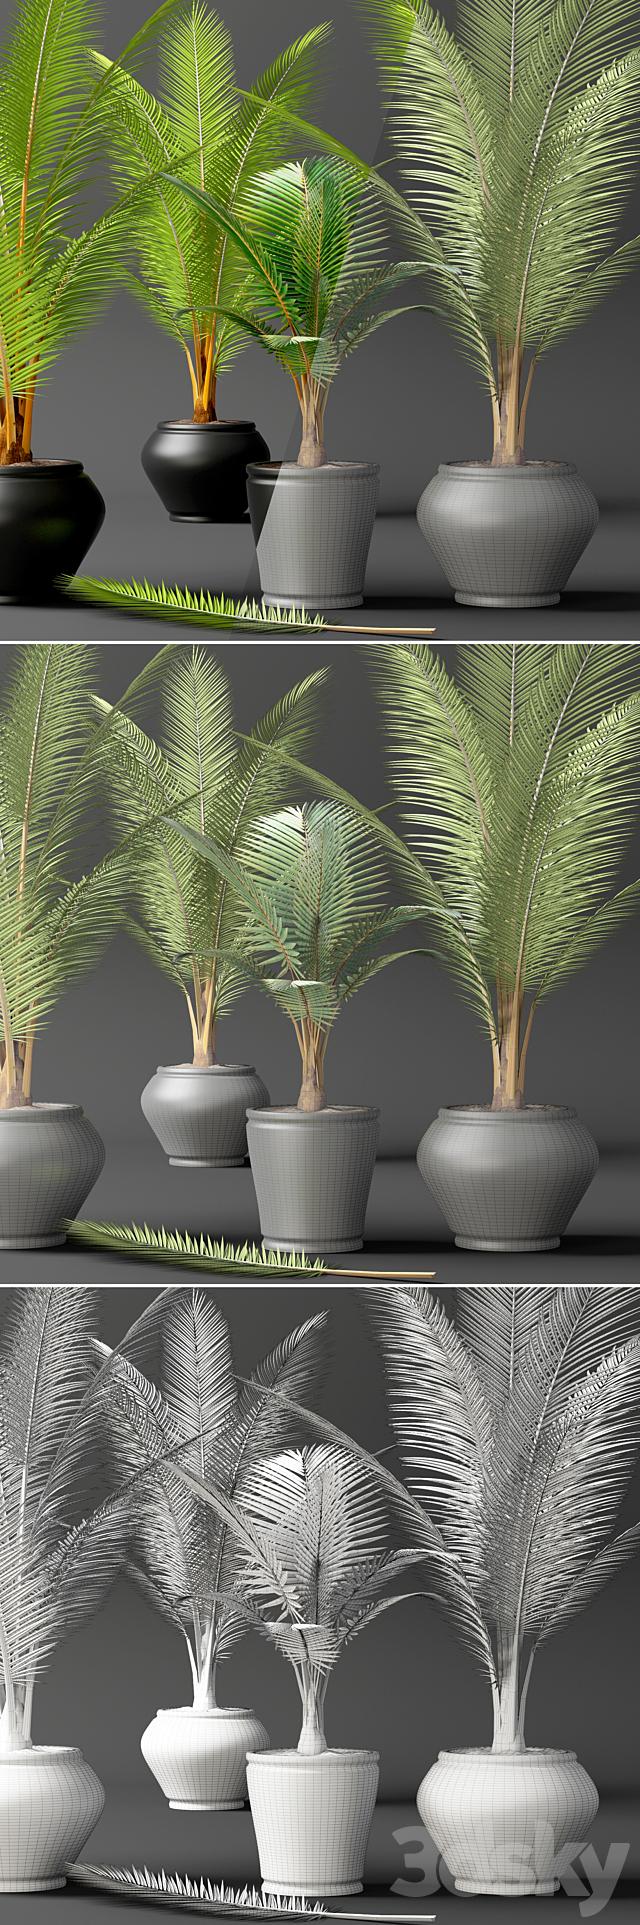 Coconut palm set